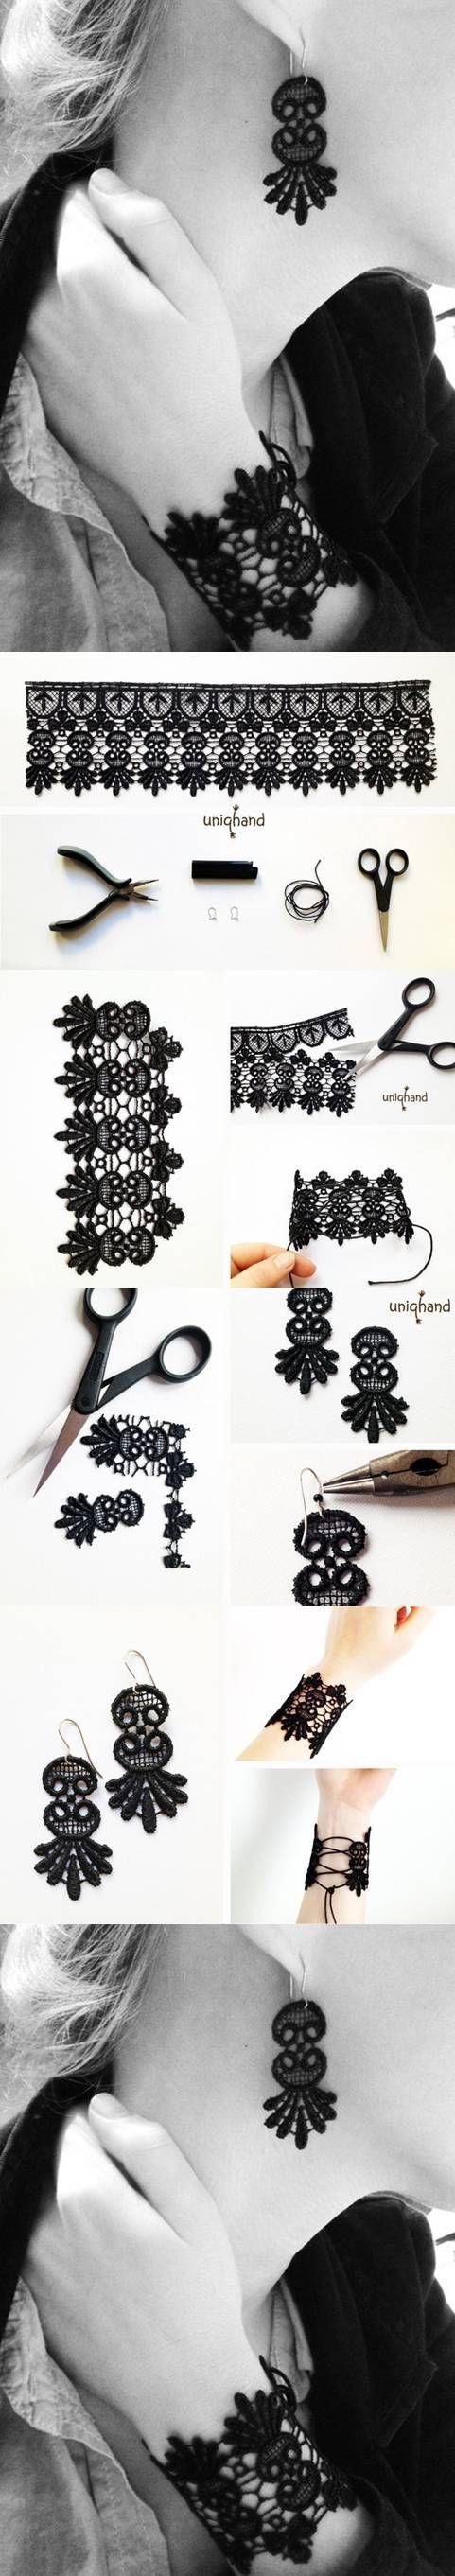 Des bijoux faits en dentelle, moderne, tendance et romantique ... A essayer !